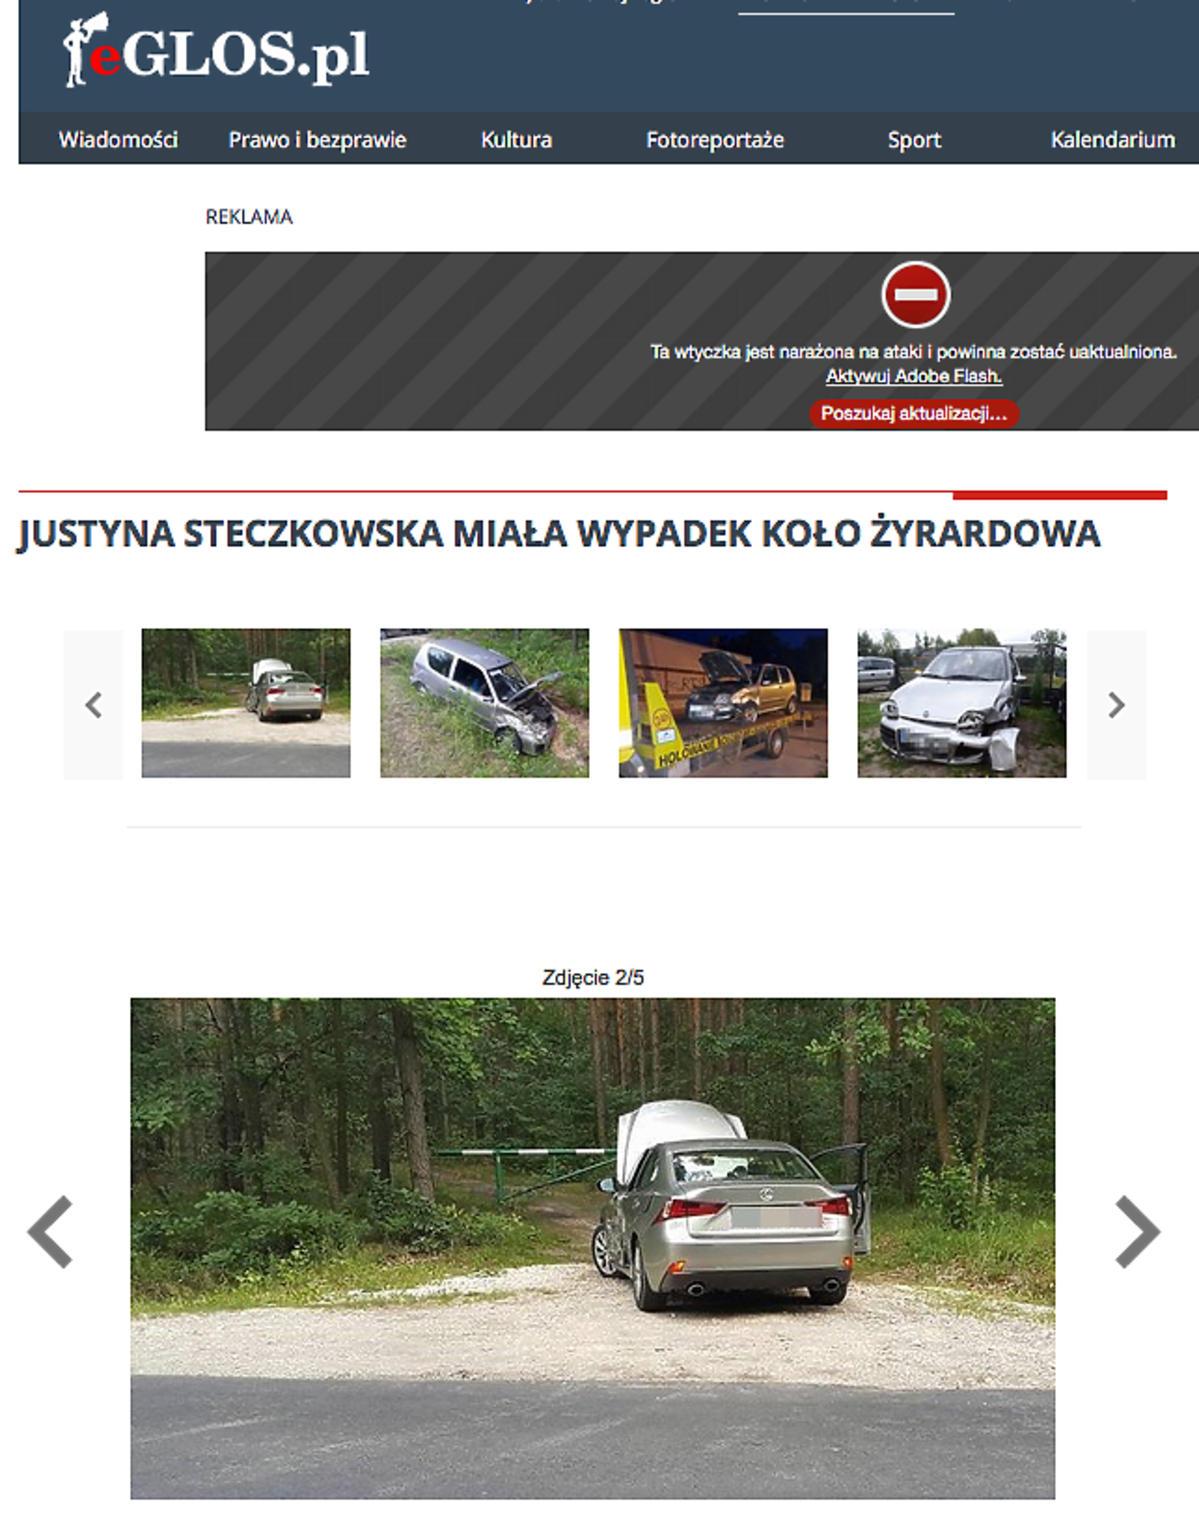 Justyna Steczkowska miała wypadek samochodowy!